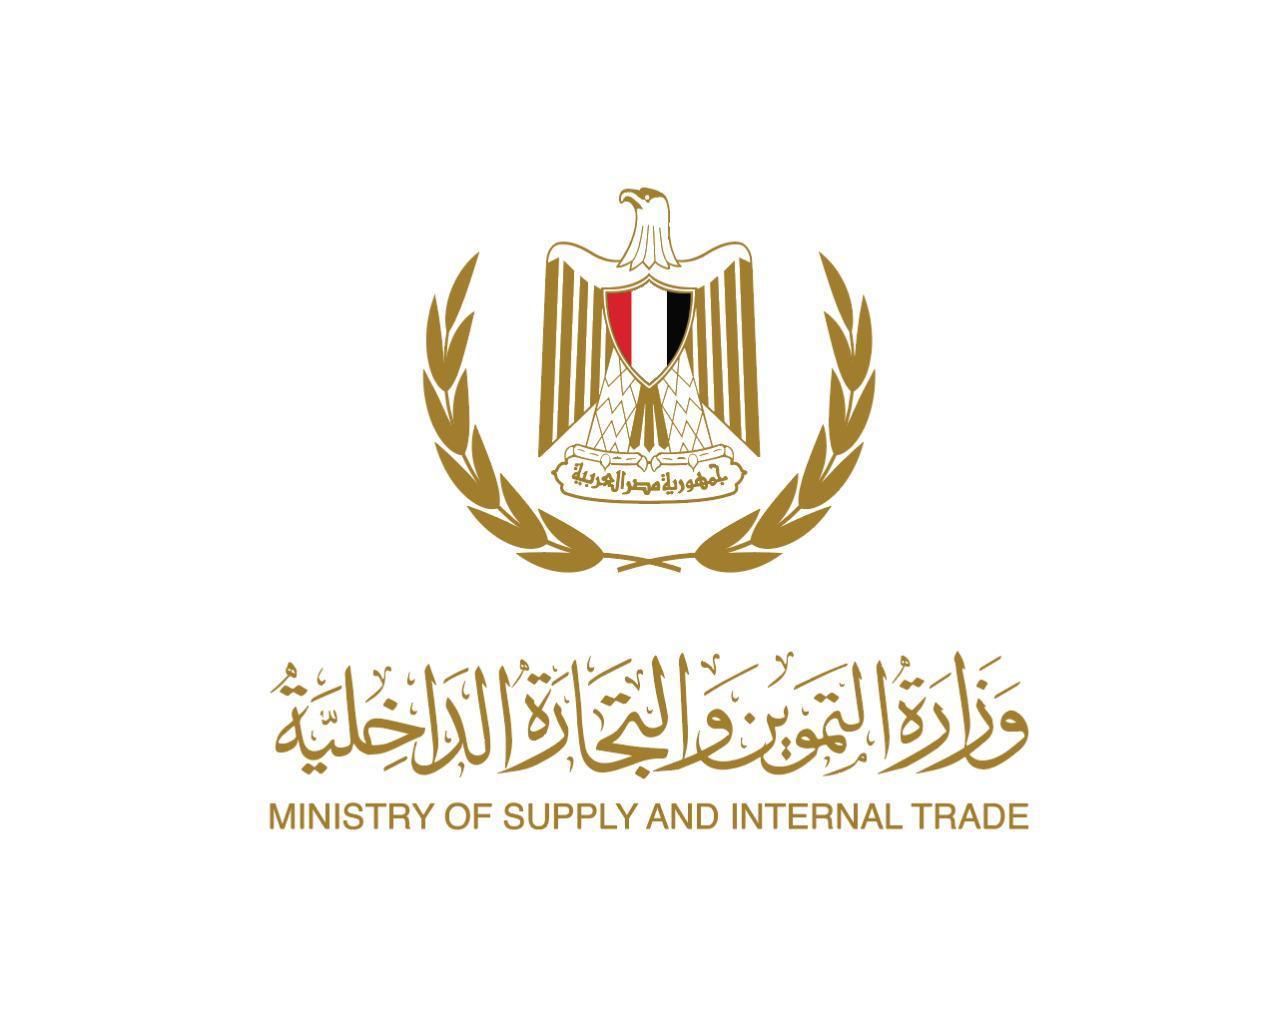 وزير التموين يعلن مواعيد فتح المخابز خلال شهر رمضان المبارك